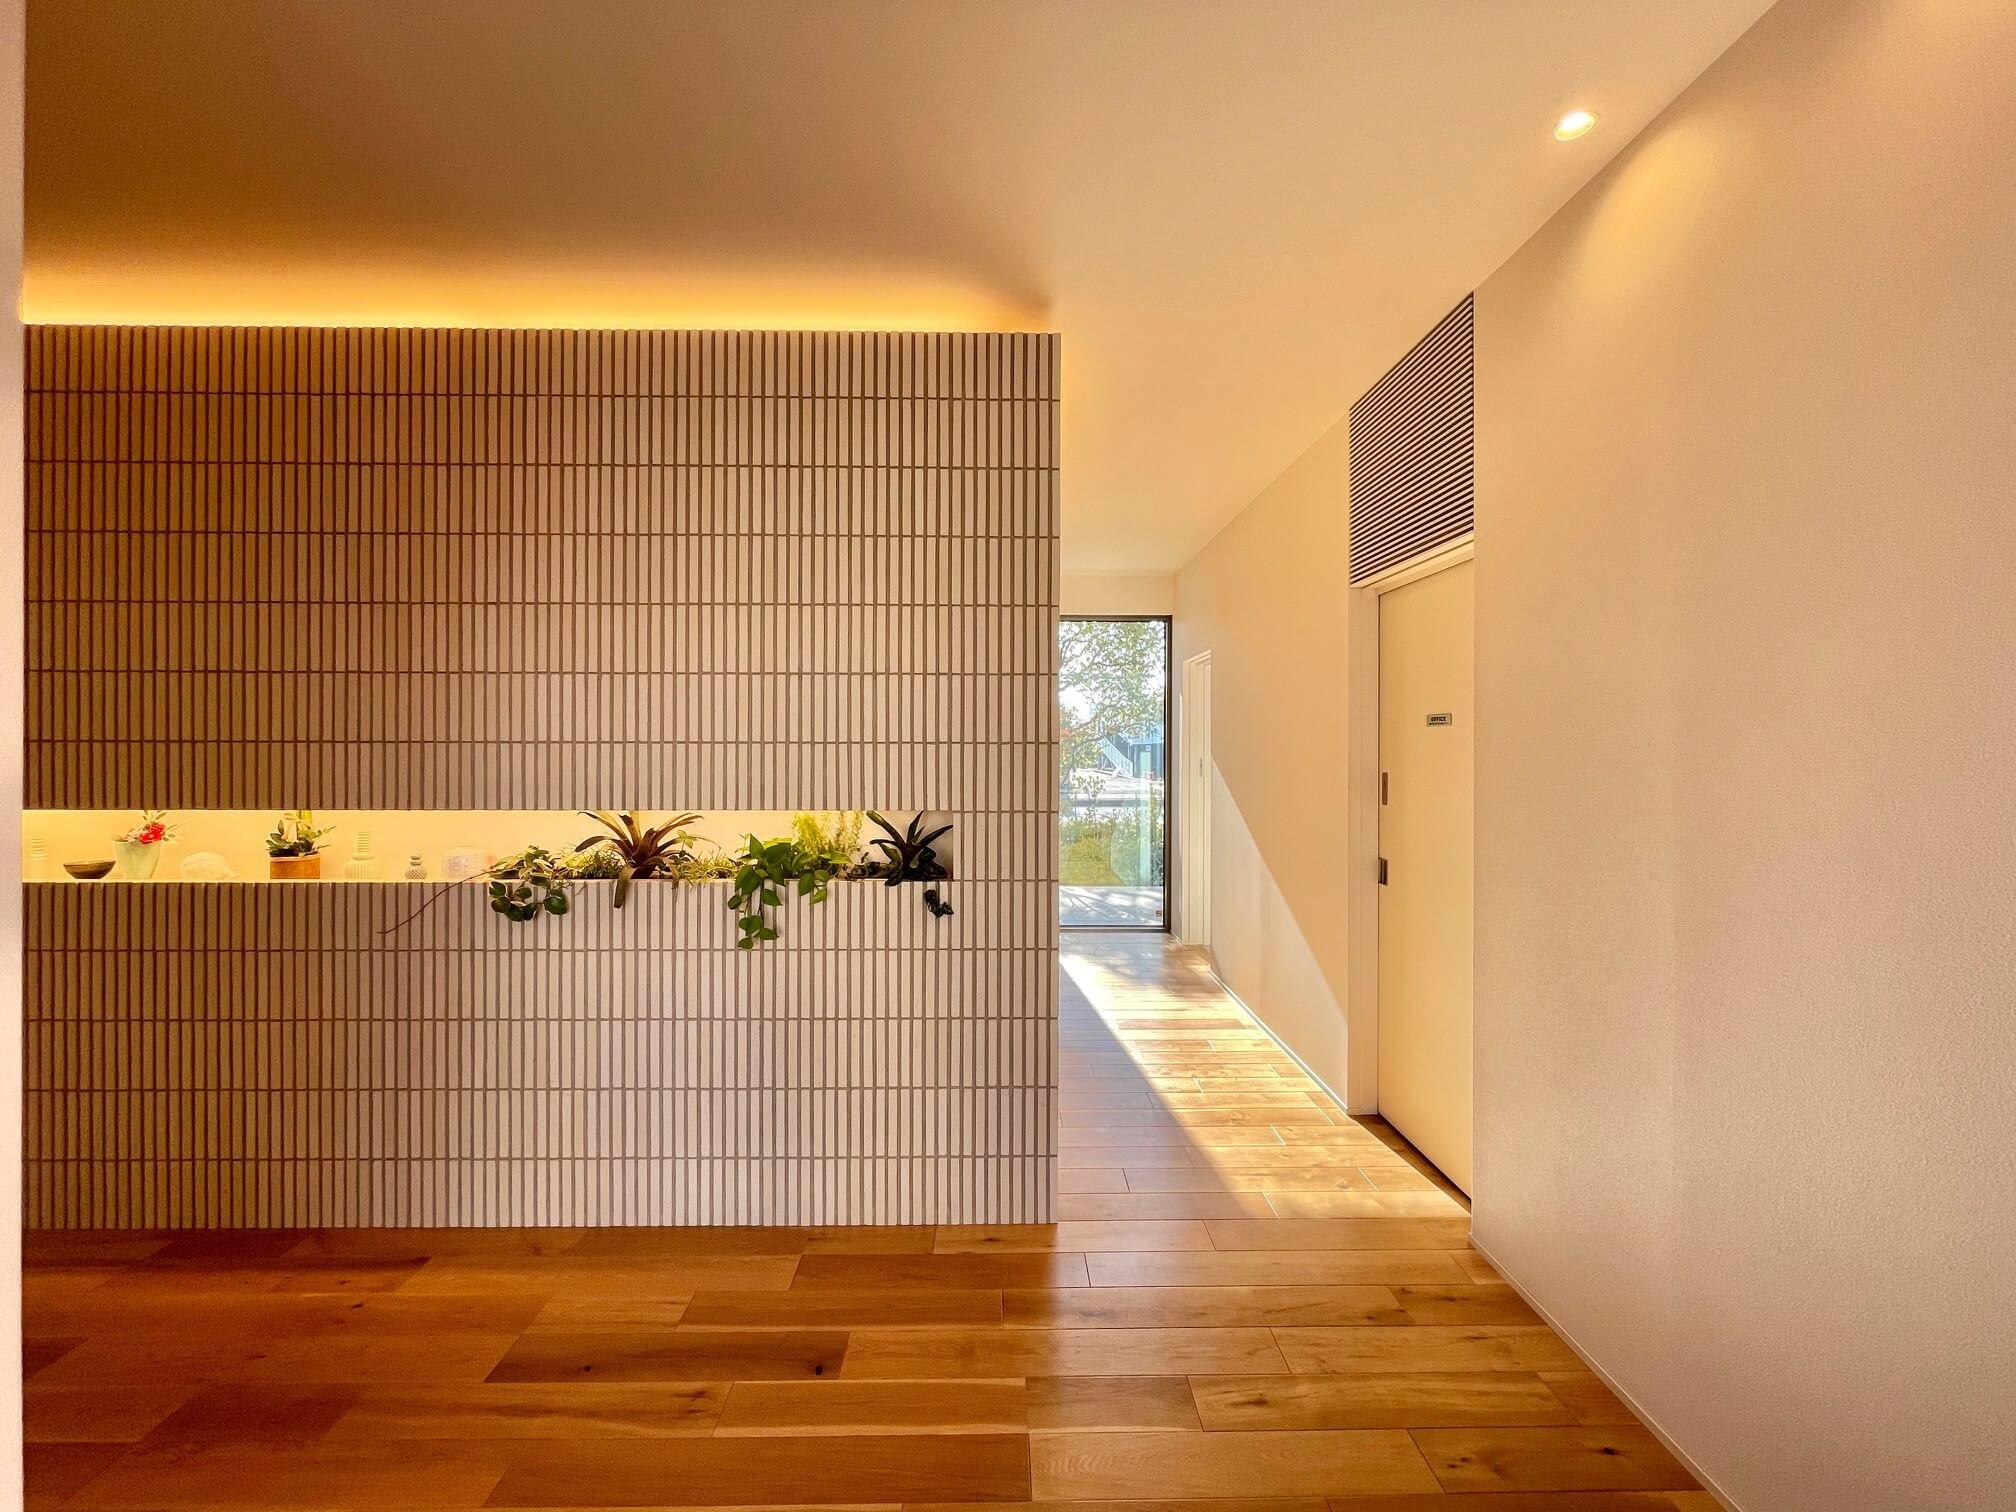 積水ハウス加古川展示場の玄関正面のアクセントタイル